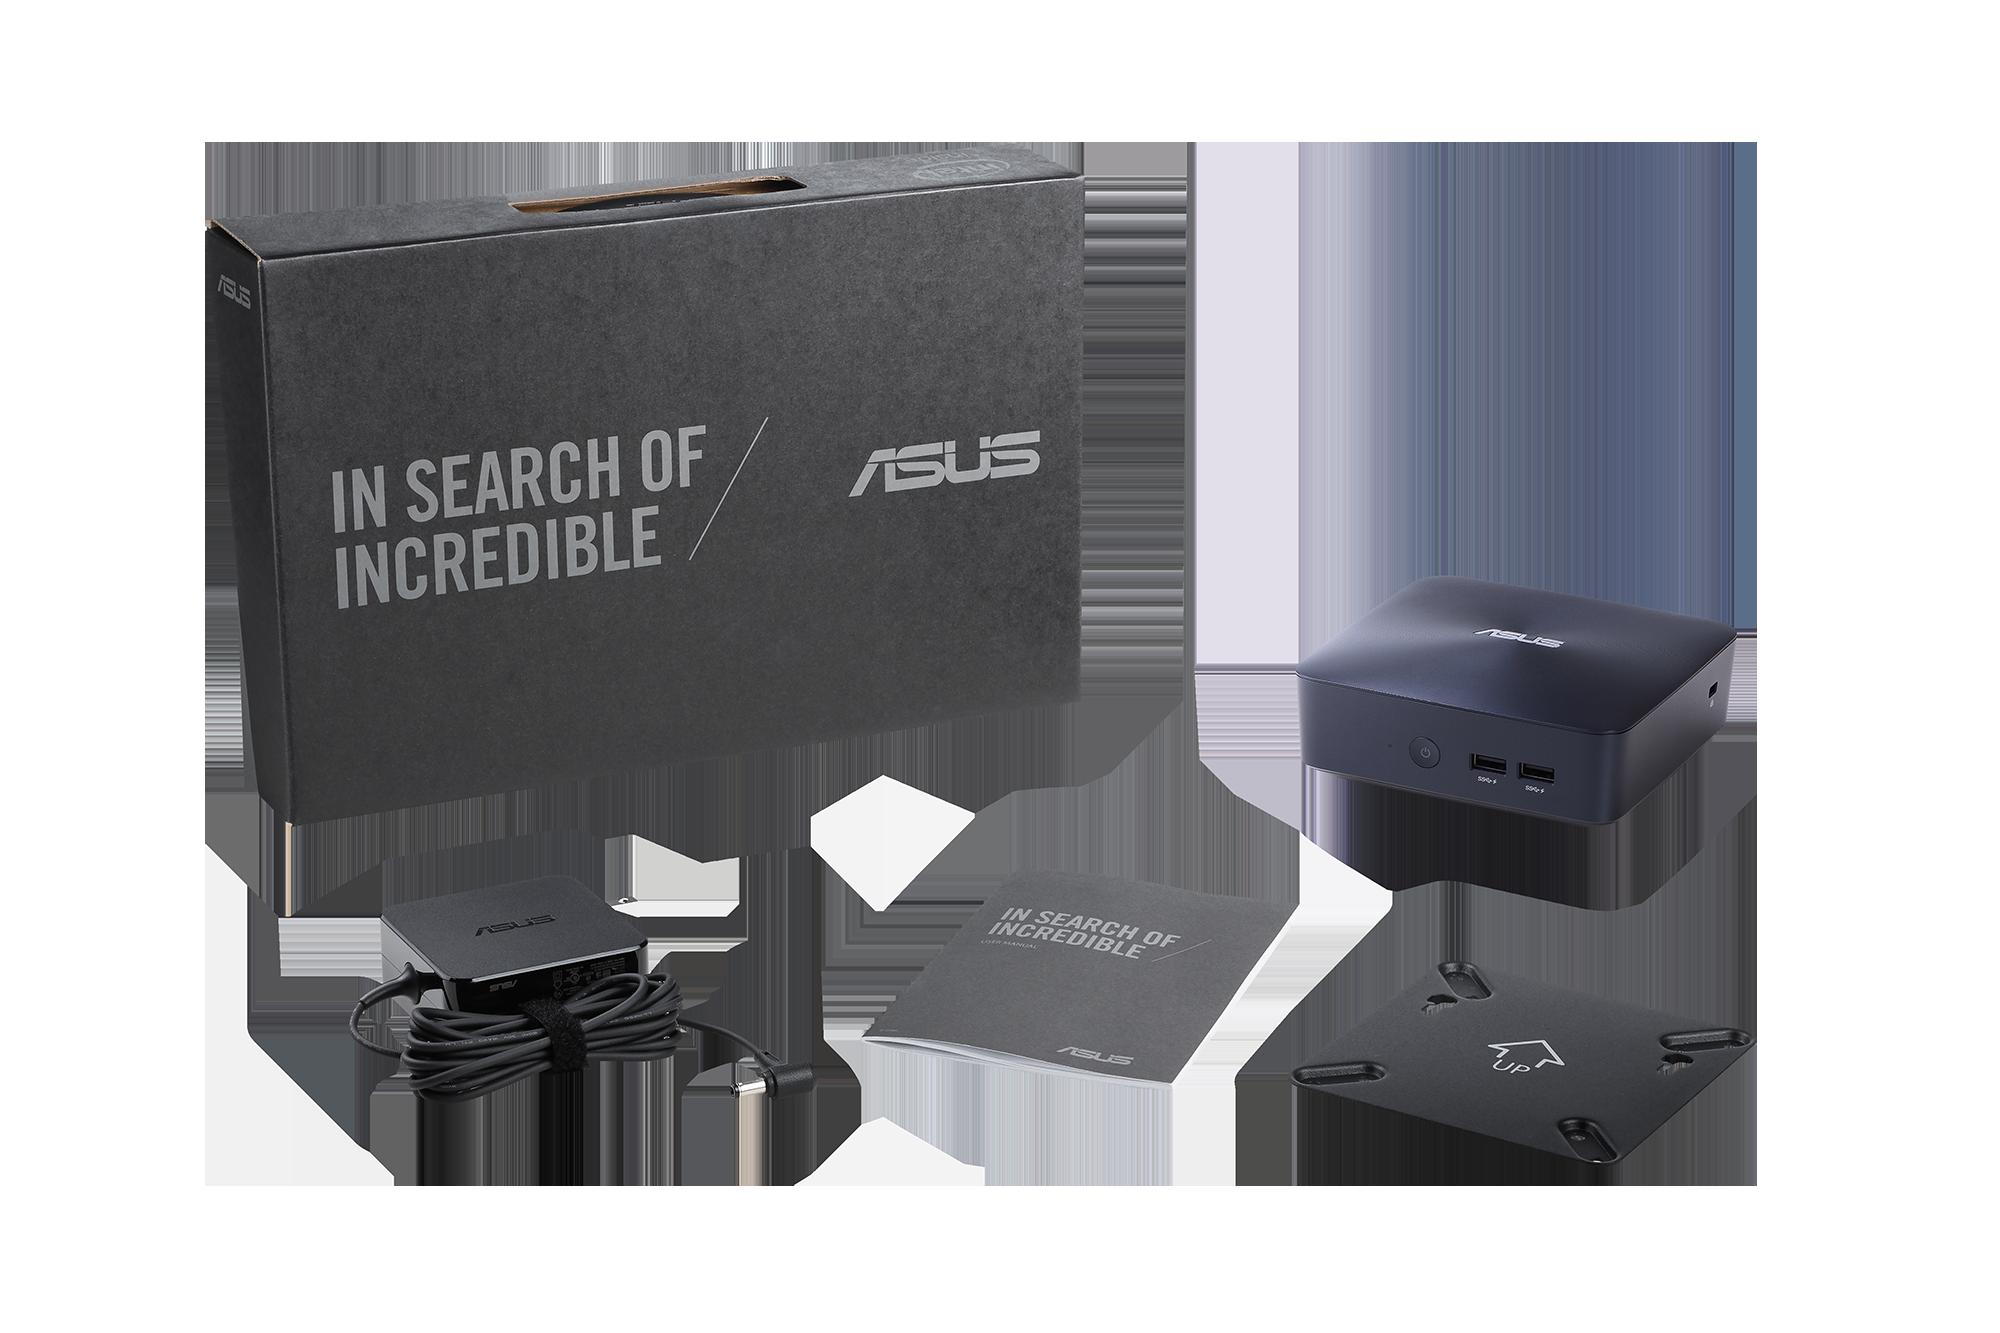 ASUS UN65U i7-7500U/2,7GHz/4GB DDR4/128GB SSD/HDMI/DP/2x USB 3.1/VESA/Bez OS /CSM